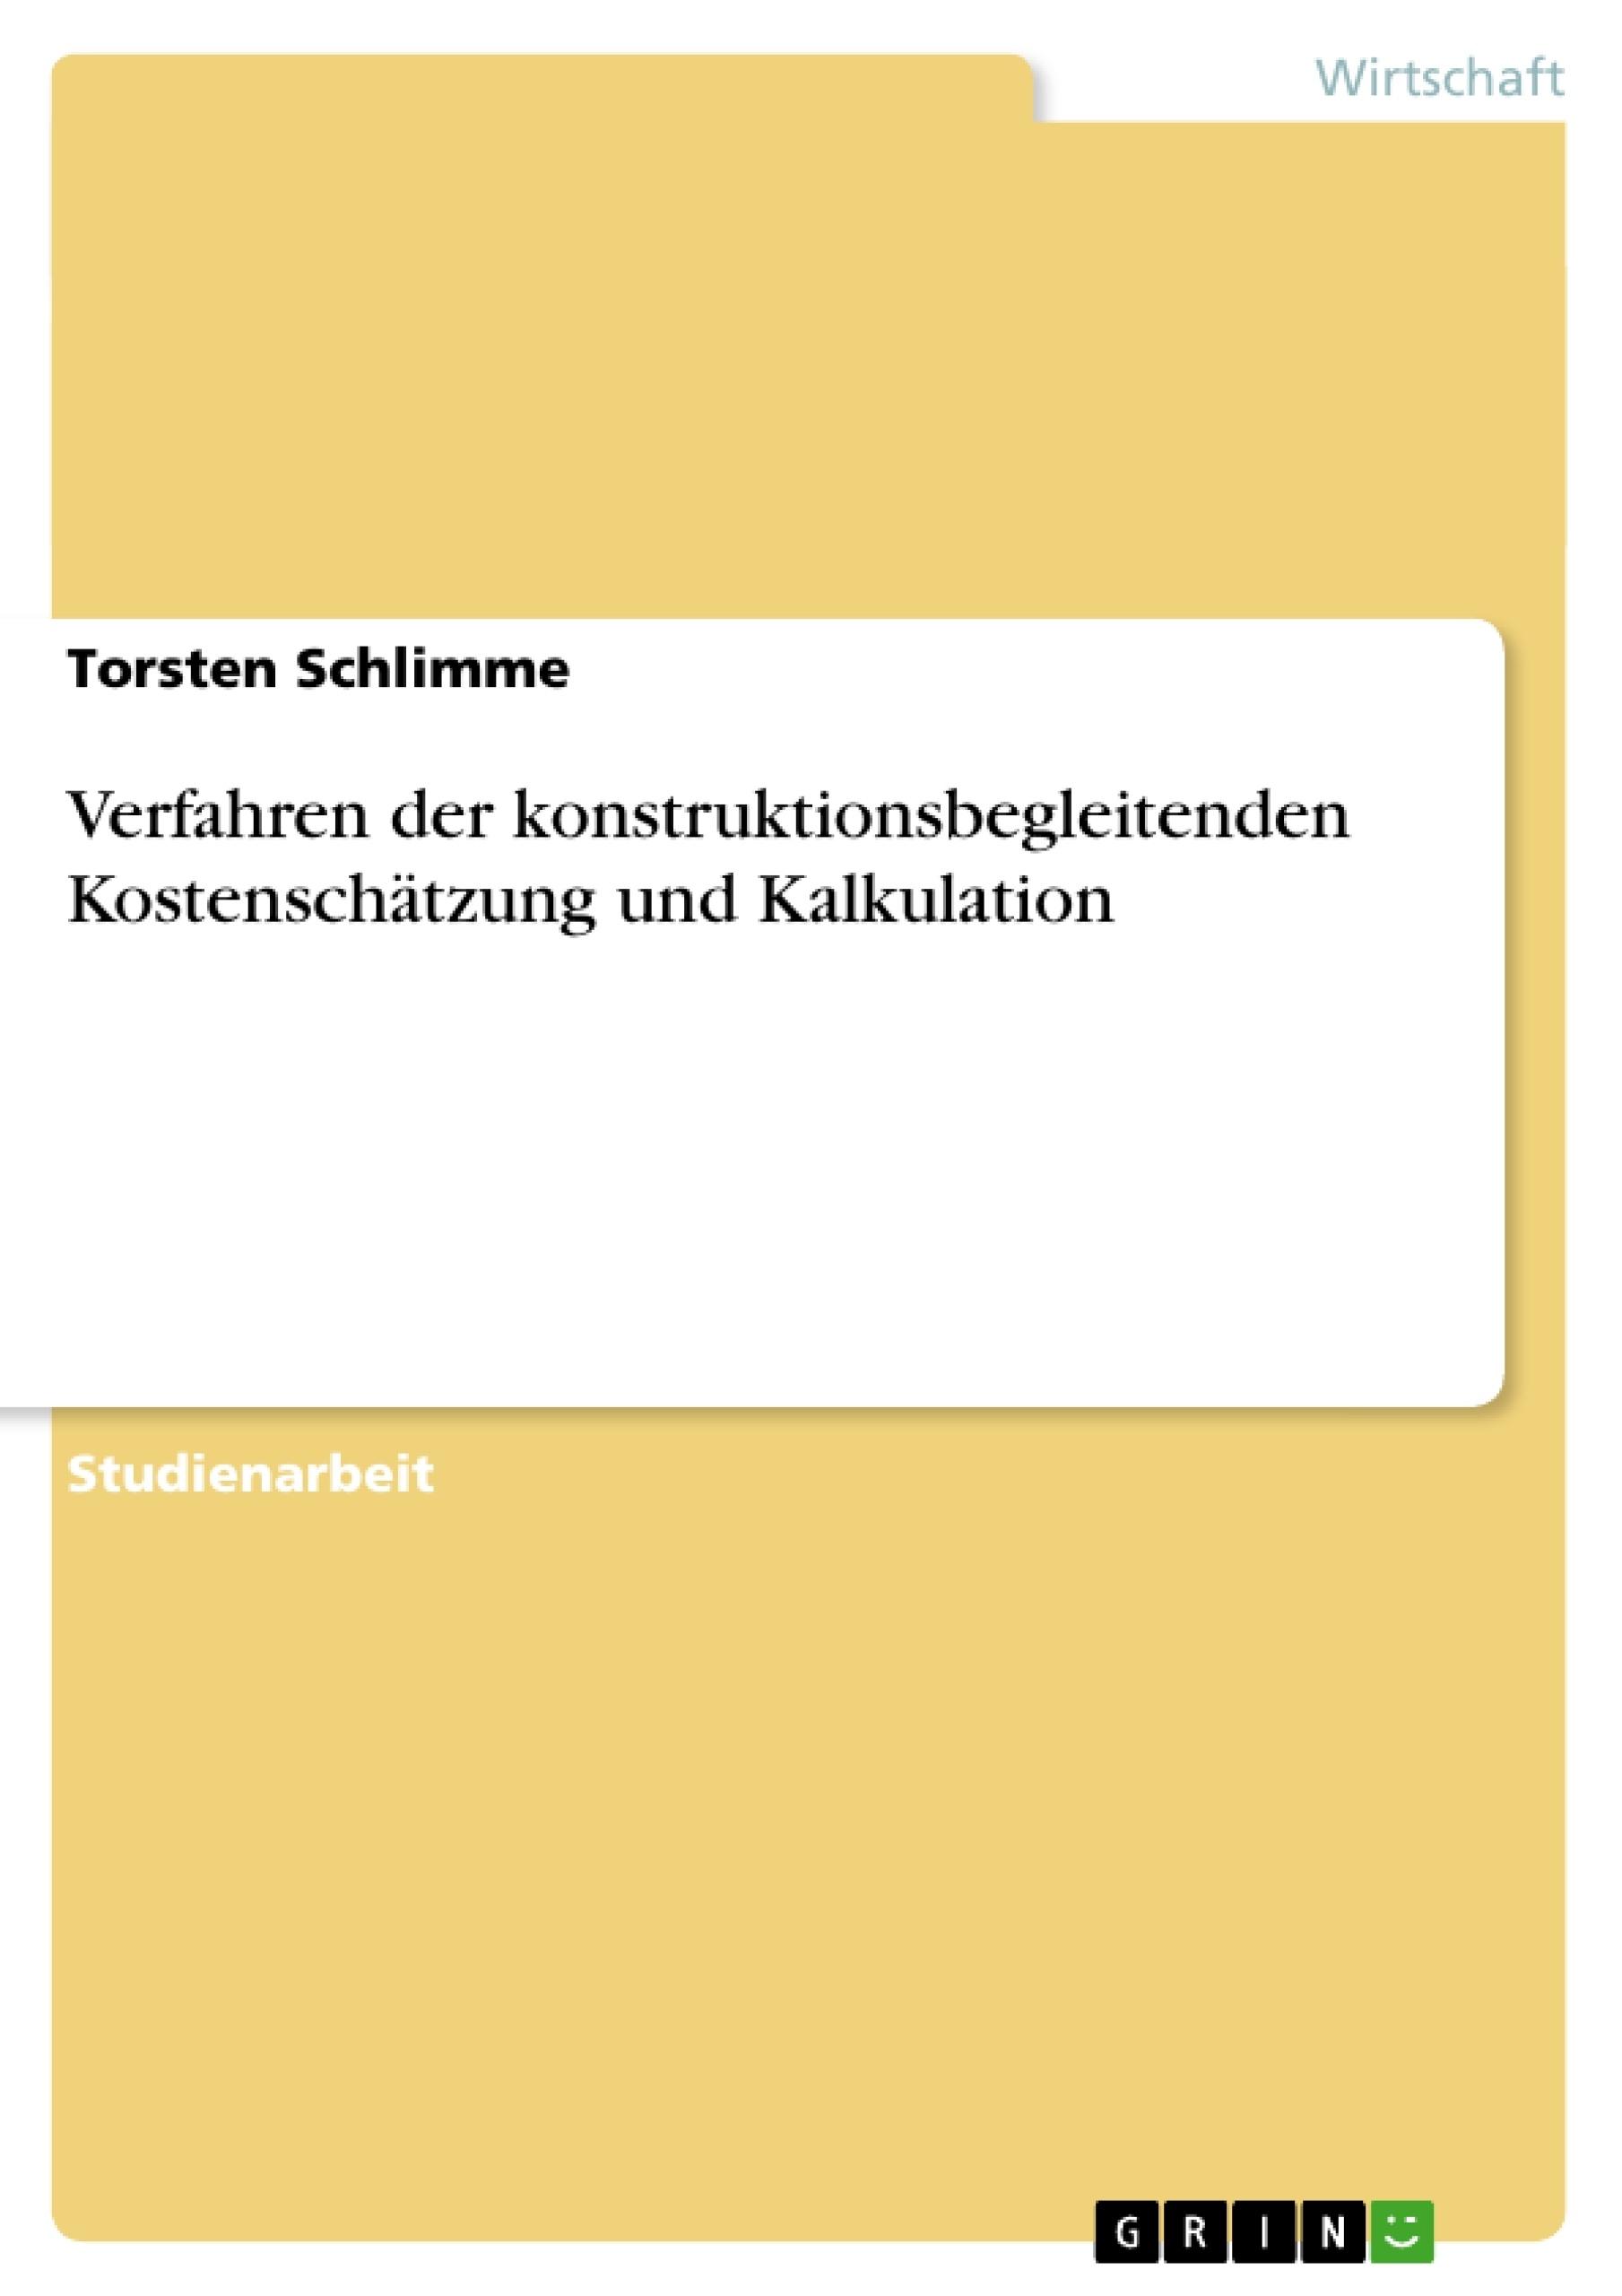 Titel: Verfahren der konstruktionsbegleitenden Kostenschätzung und Kalkulation